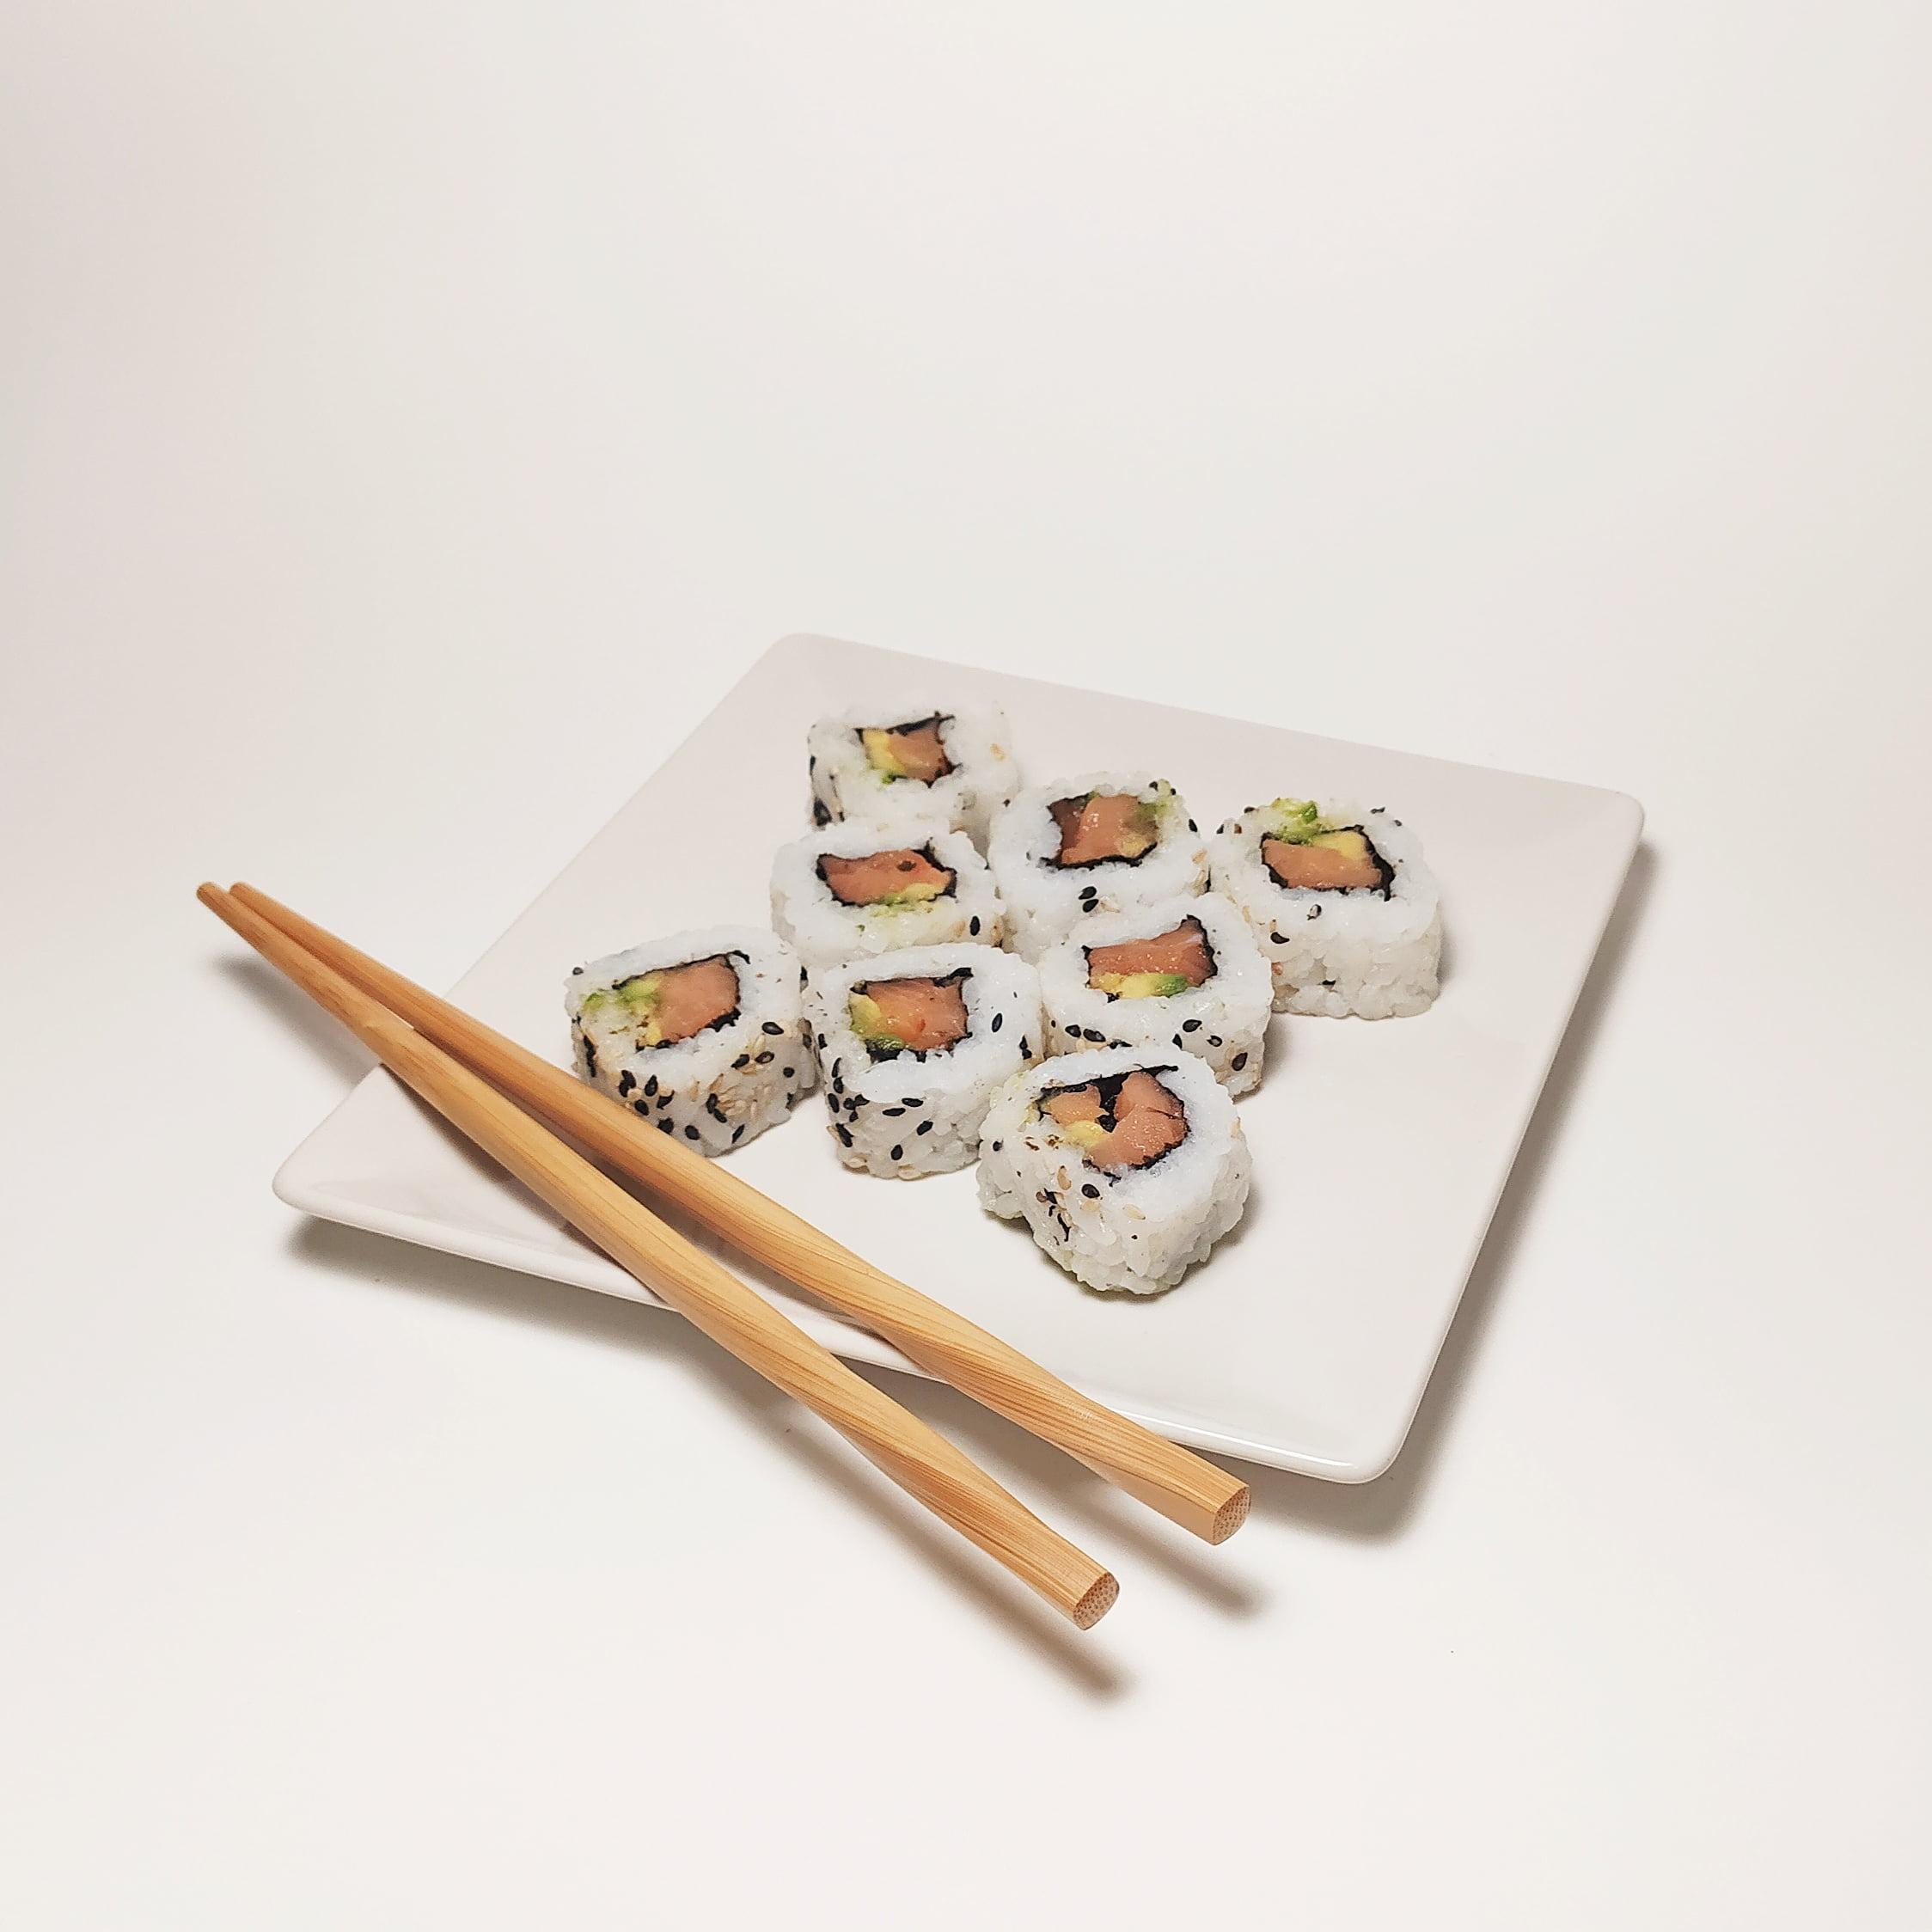 TPV-Hostelería-Software-Hostelería-guia-buenas-fotos-restaurante-sushi